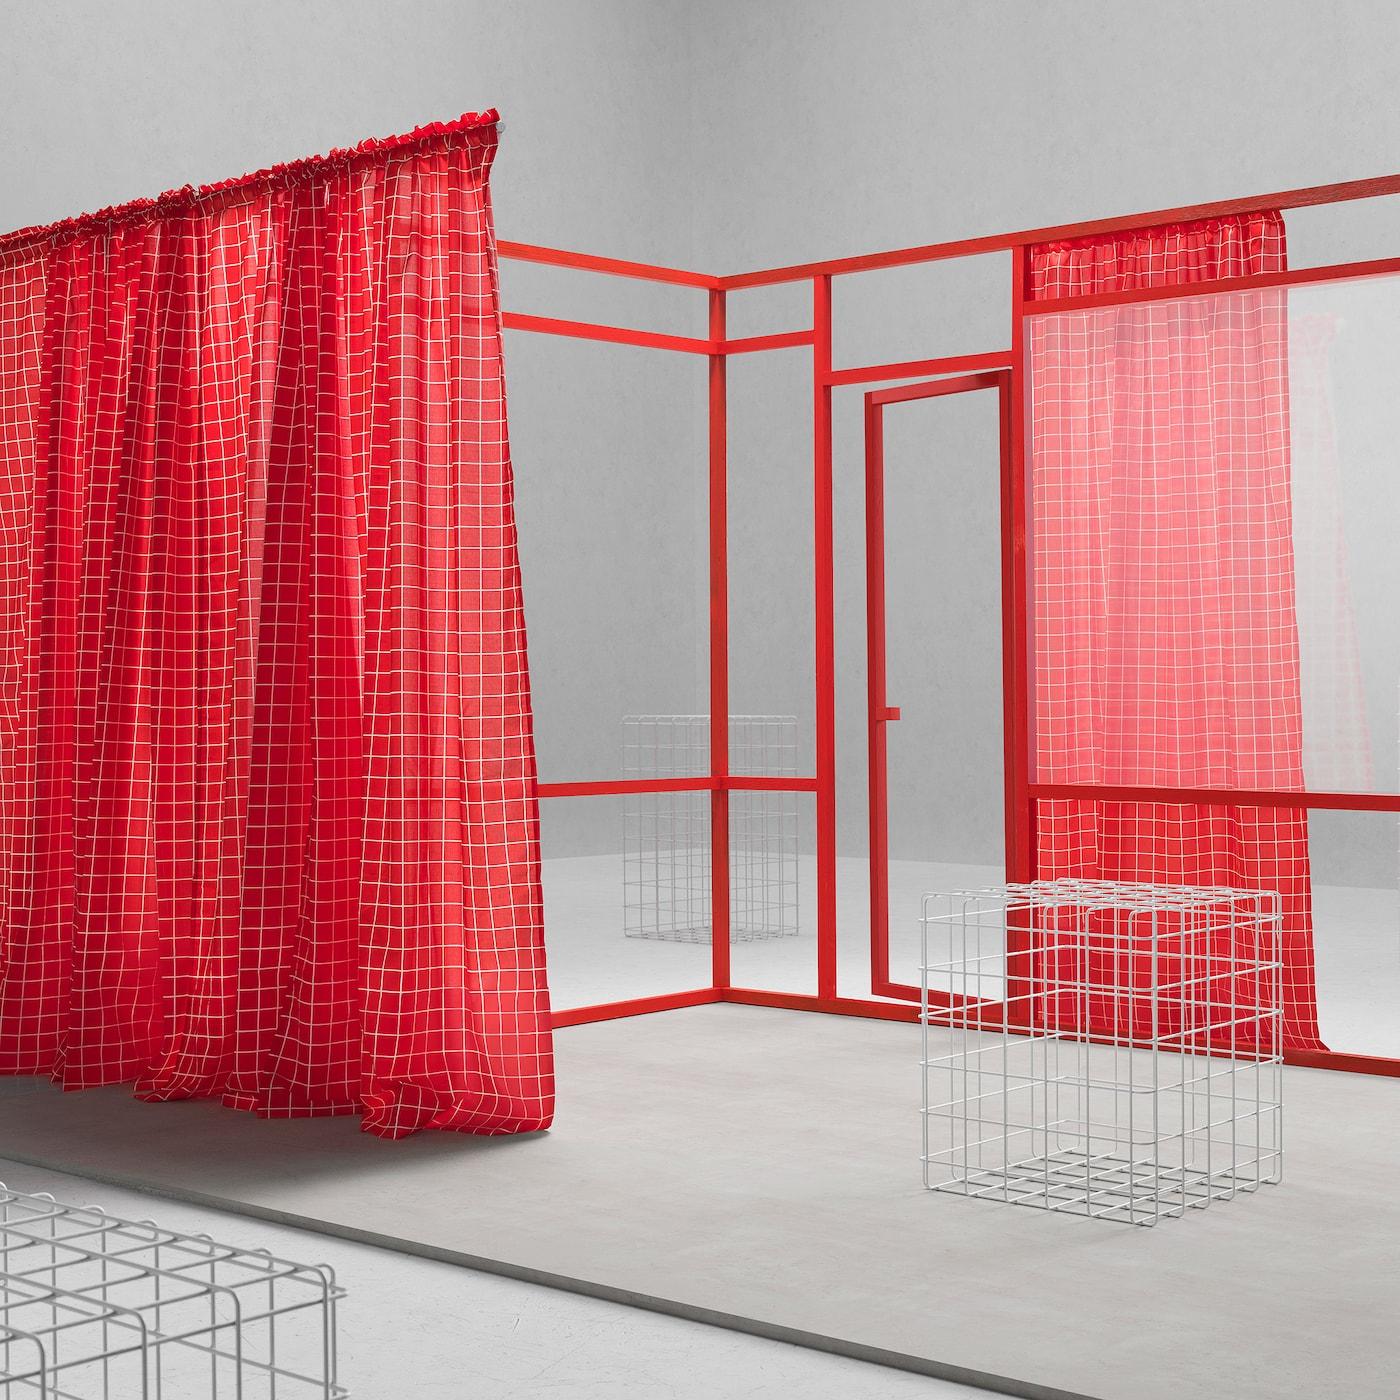 Ein Raum mit roten Vorhängen an einem roten Gestell & Würfeln aus grauem Draht.